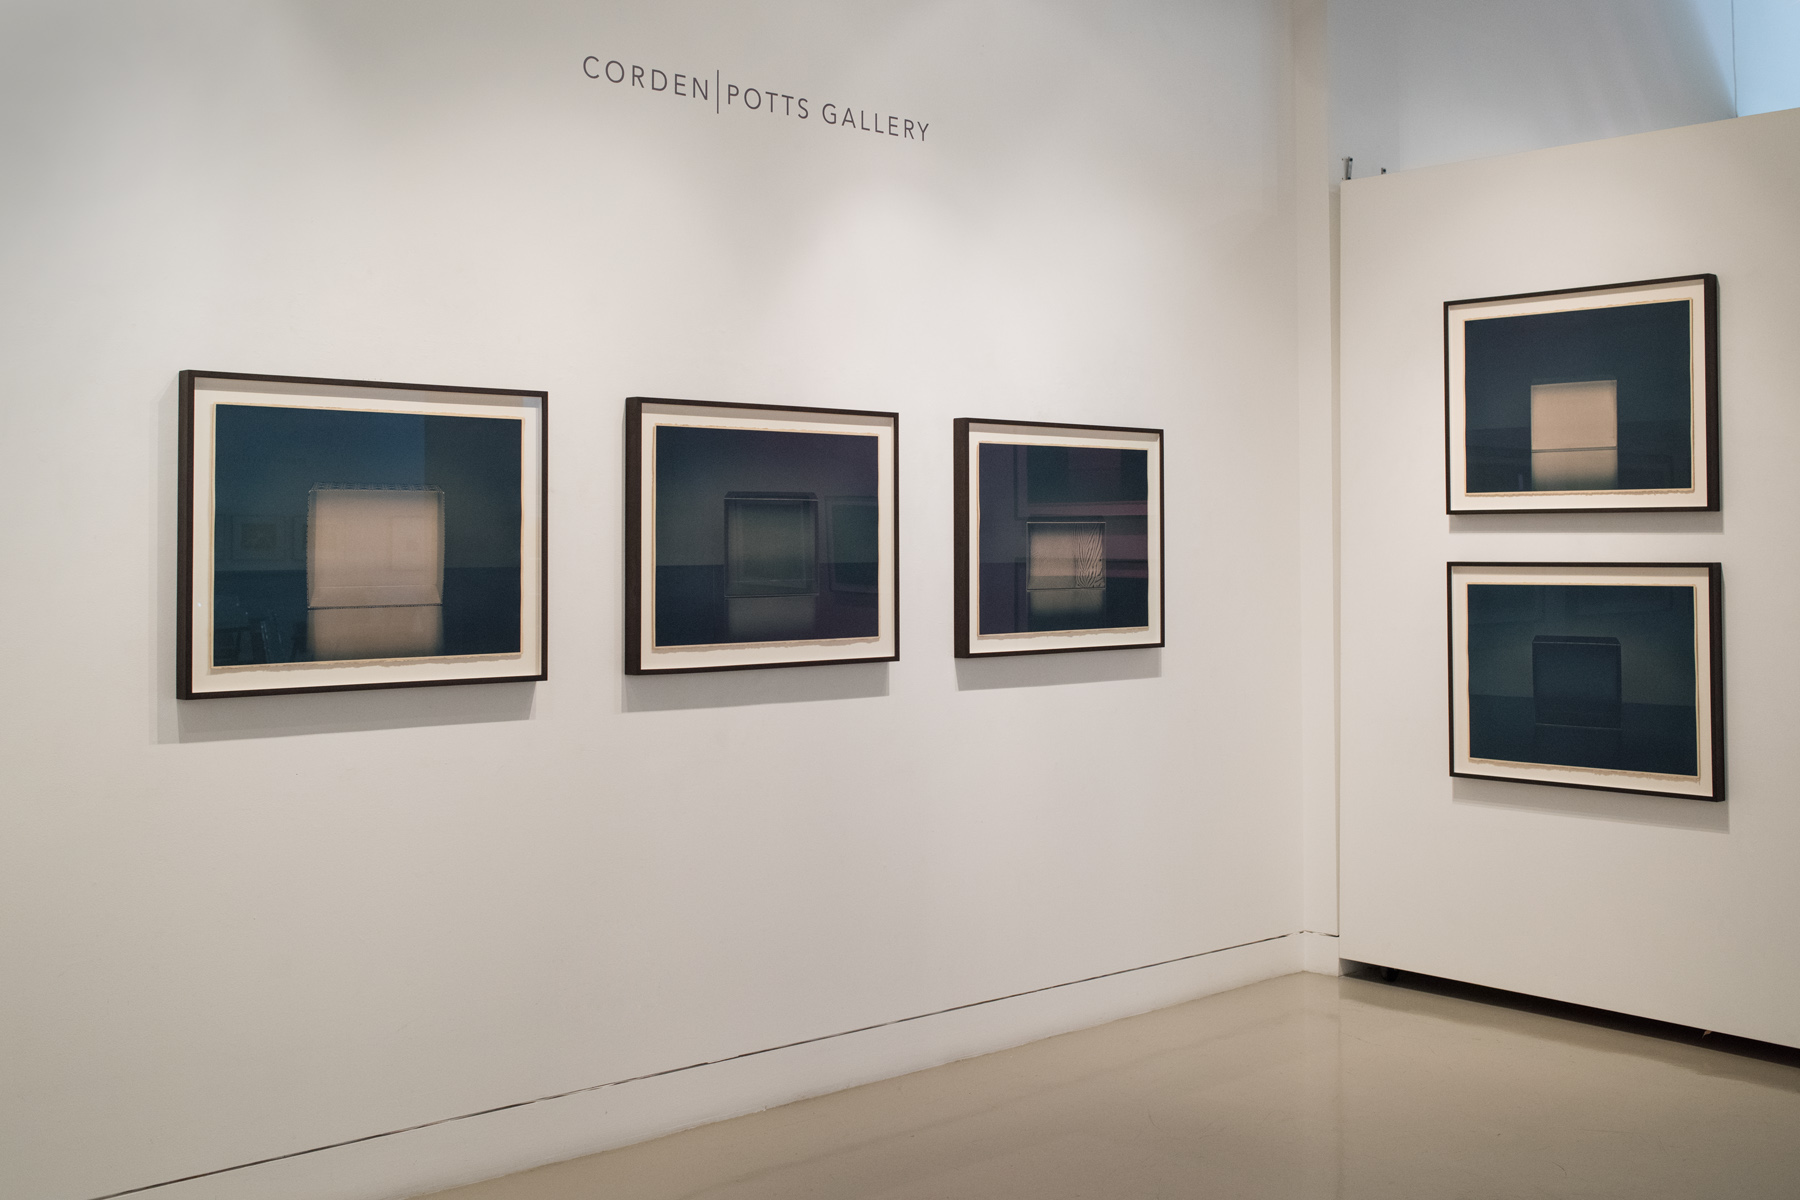 Corden|Potts Gallery